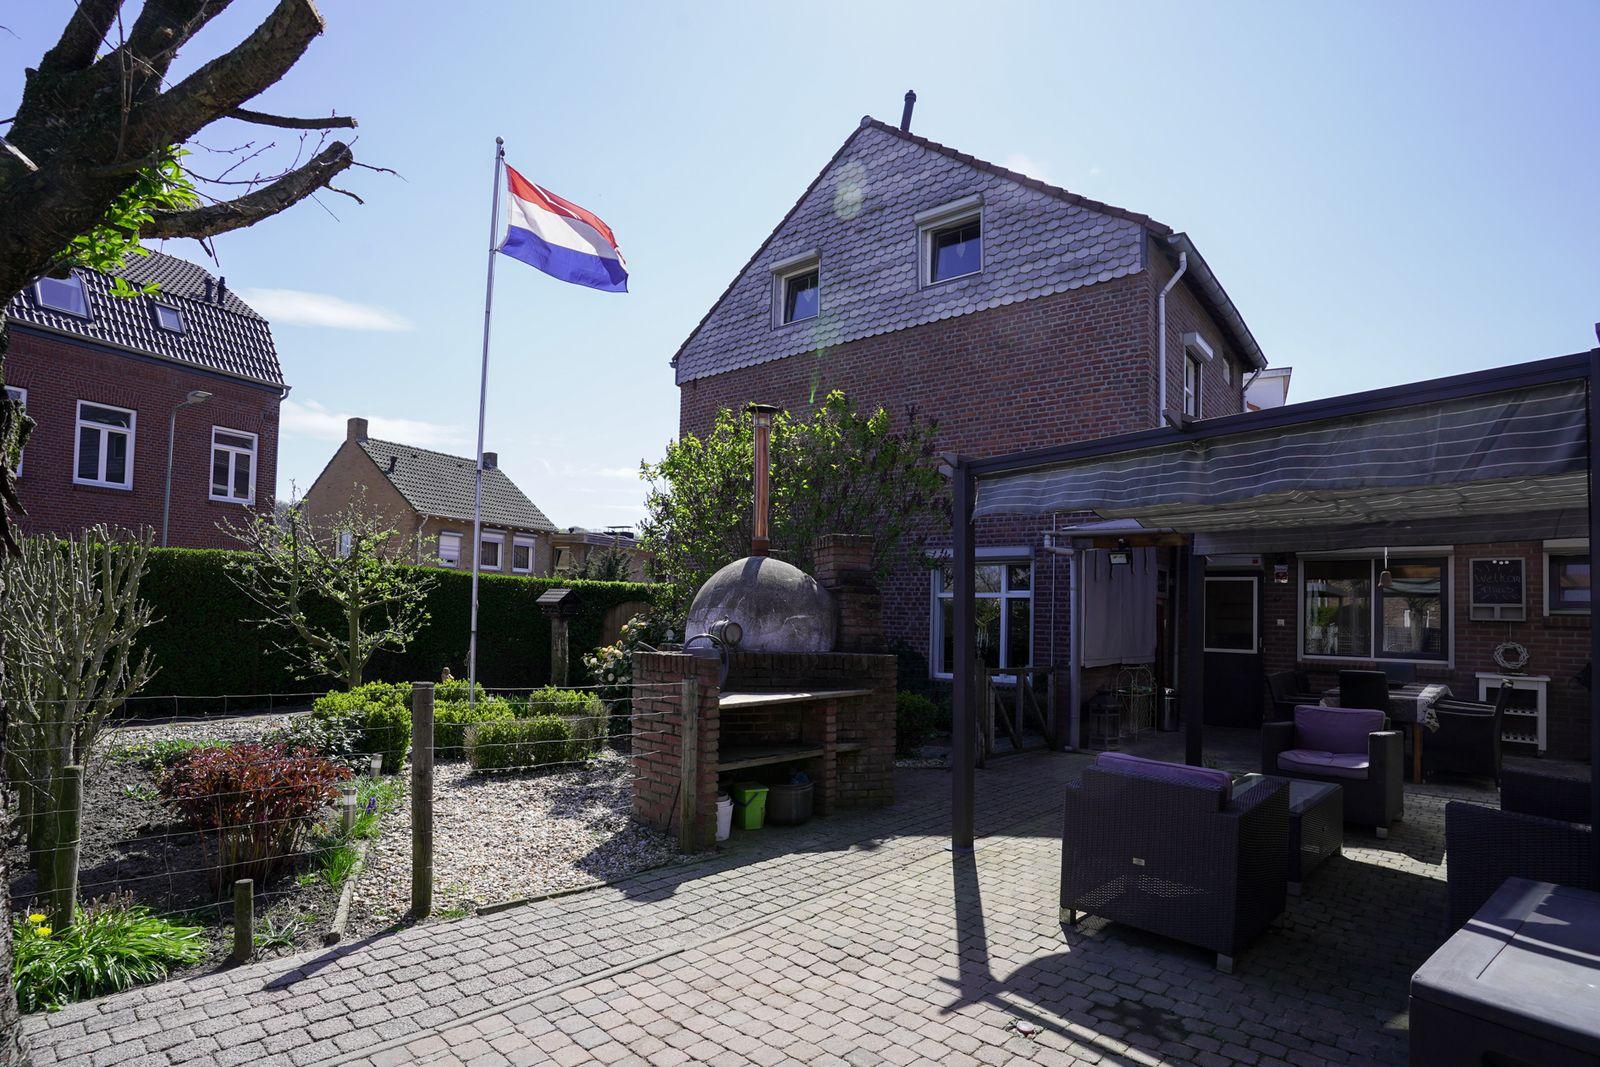 Molenweg 16, Eygelshoven